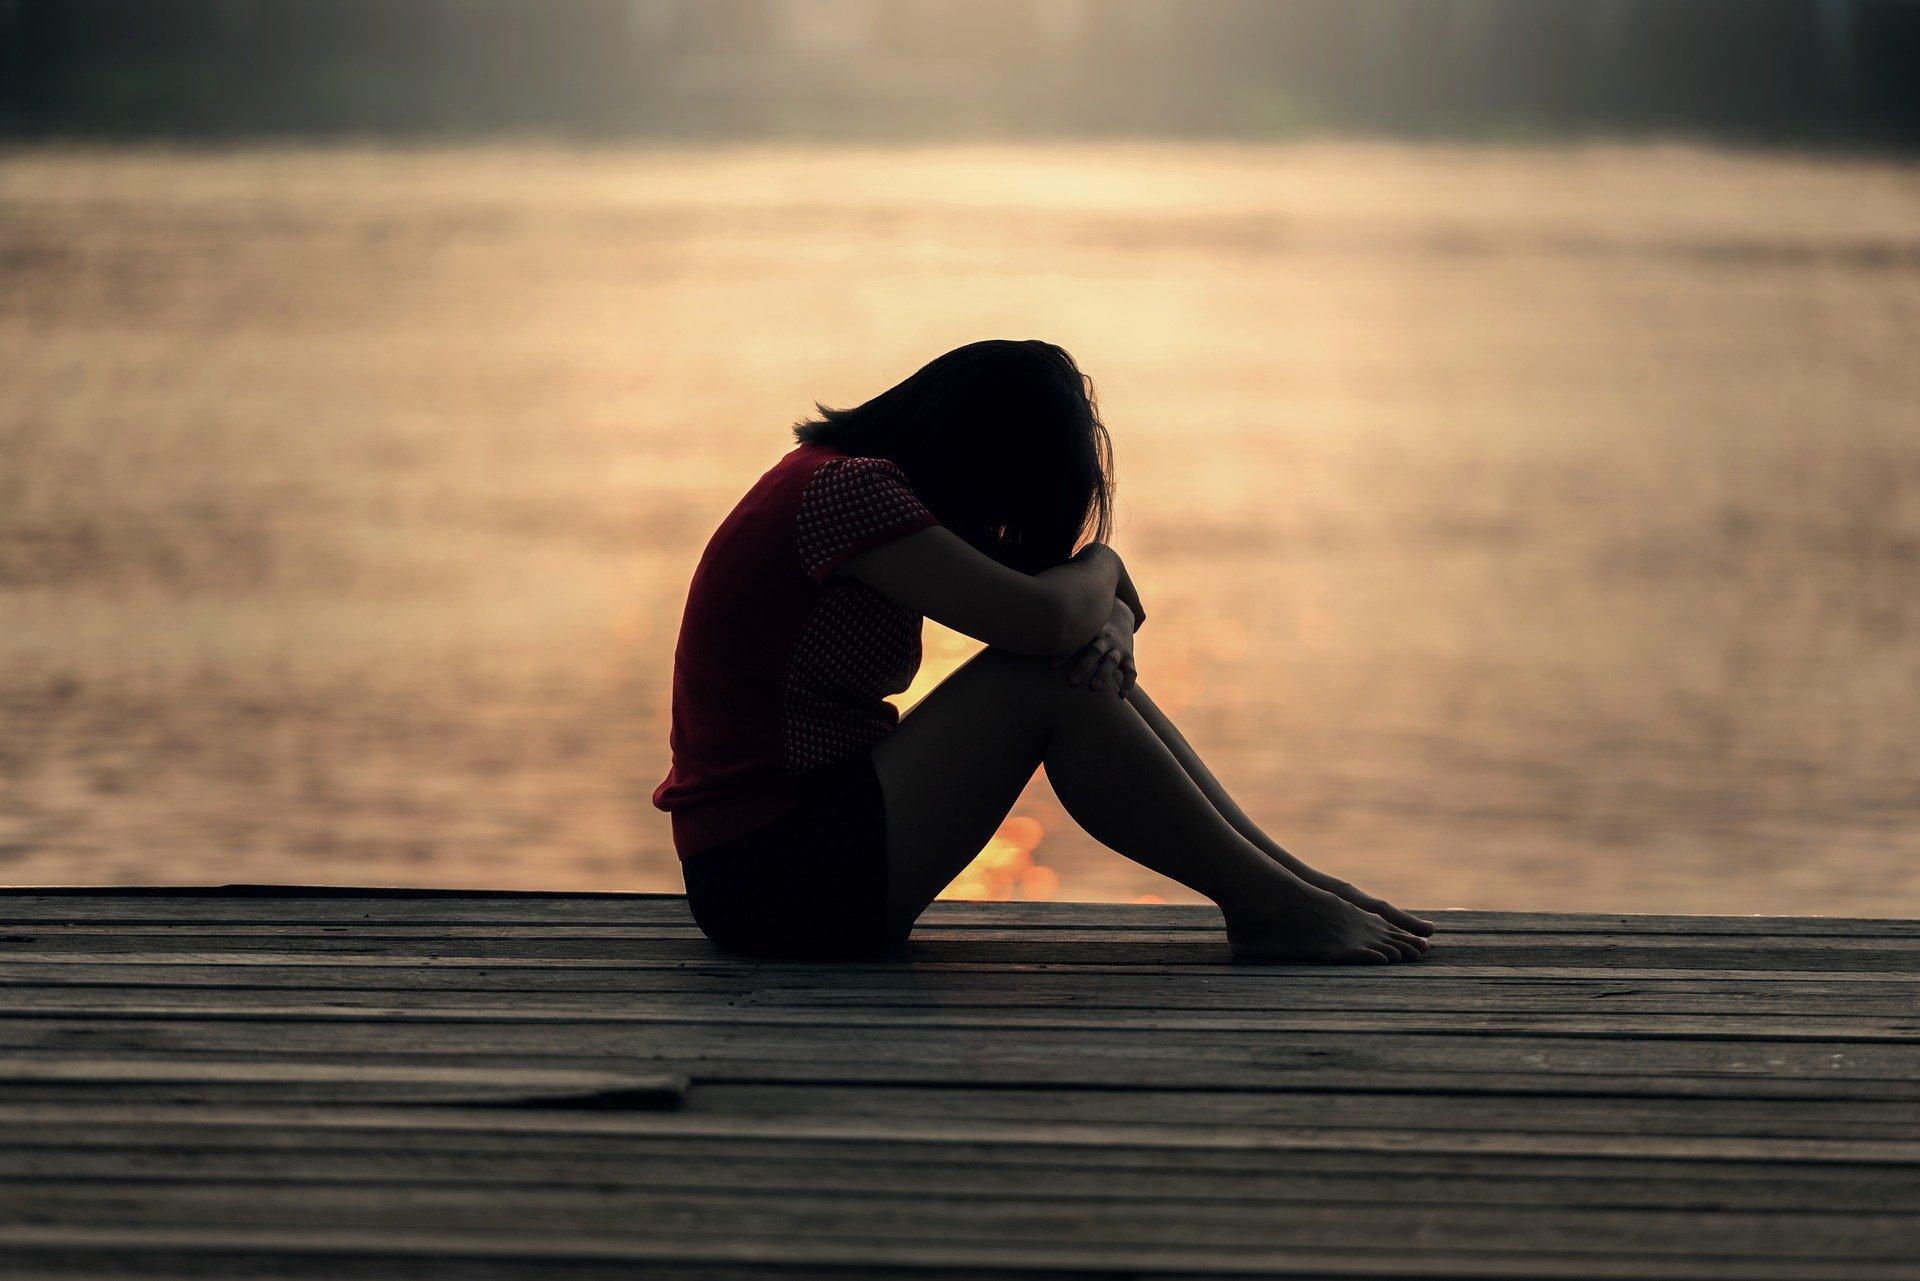 海外で孤独・孤立を感じたら